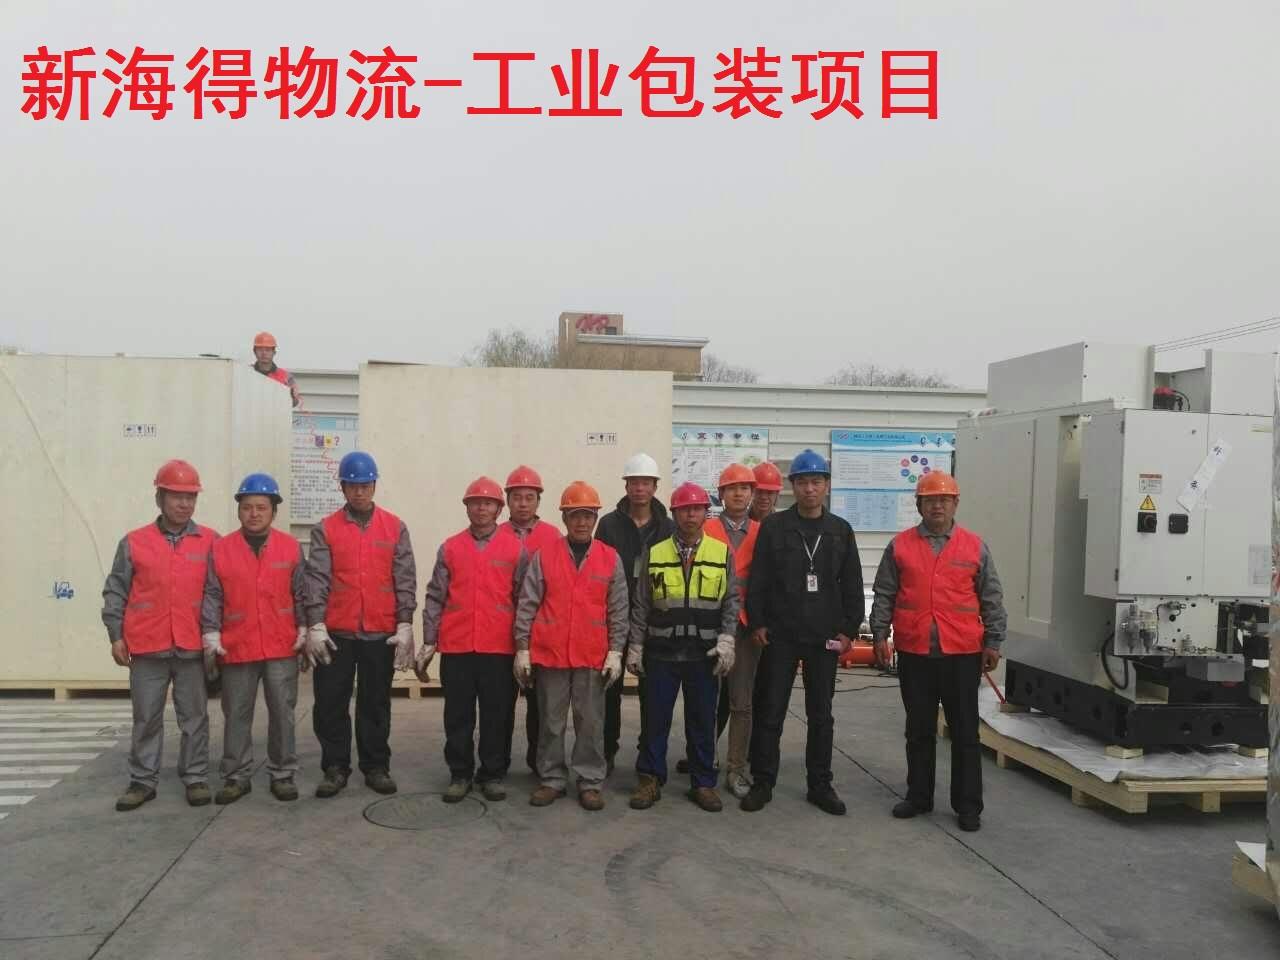 常熟工業包裝,蘇州市自動化設備定制包裝設計、制作